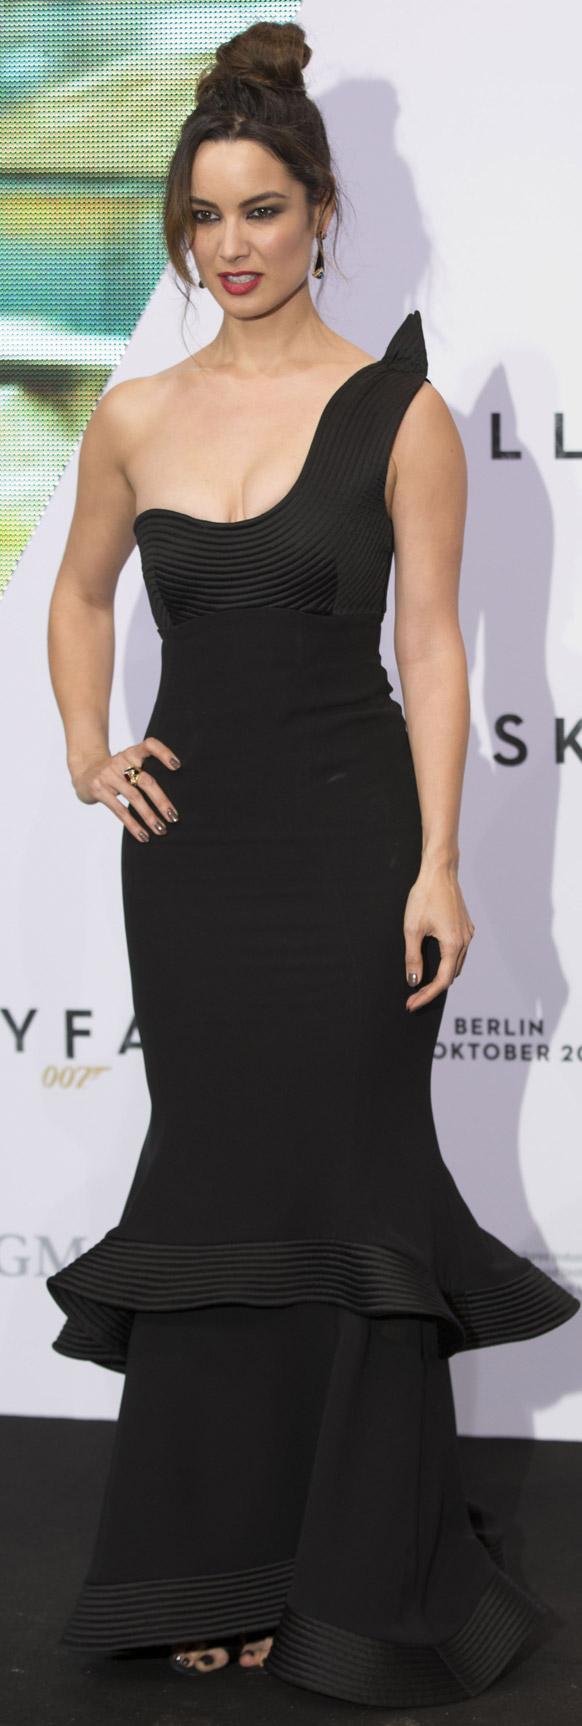 फ्रेंच अभिनेत्री बेरेनीस मारलोहे छायाचित्रकारांना अशी पोझ दिली. जेम्स बॉण्डची फिल्म बर्लिनमध्ये स्कायफॉलच्या प्रिमिअरसाठी ती आली होती.